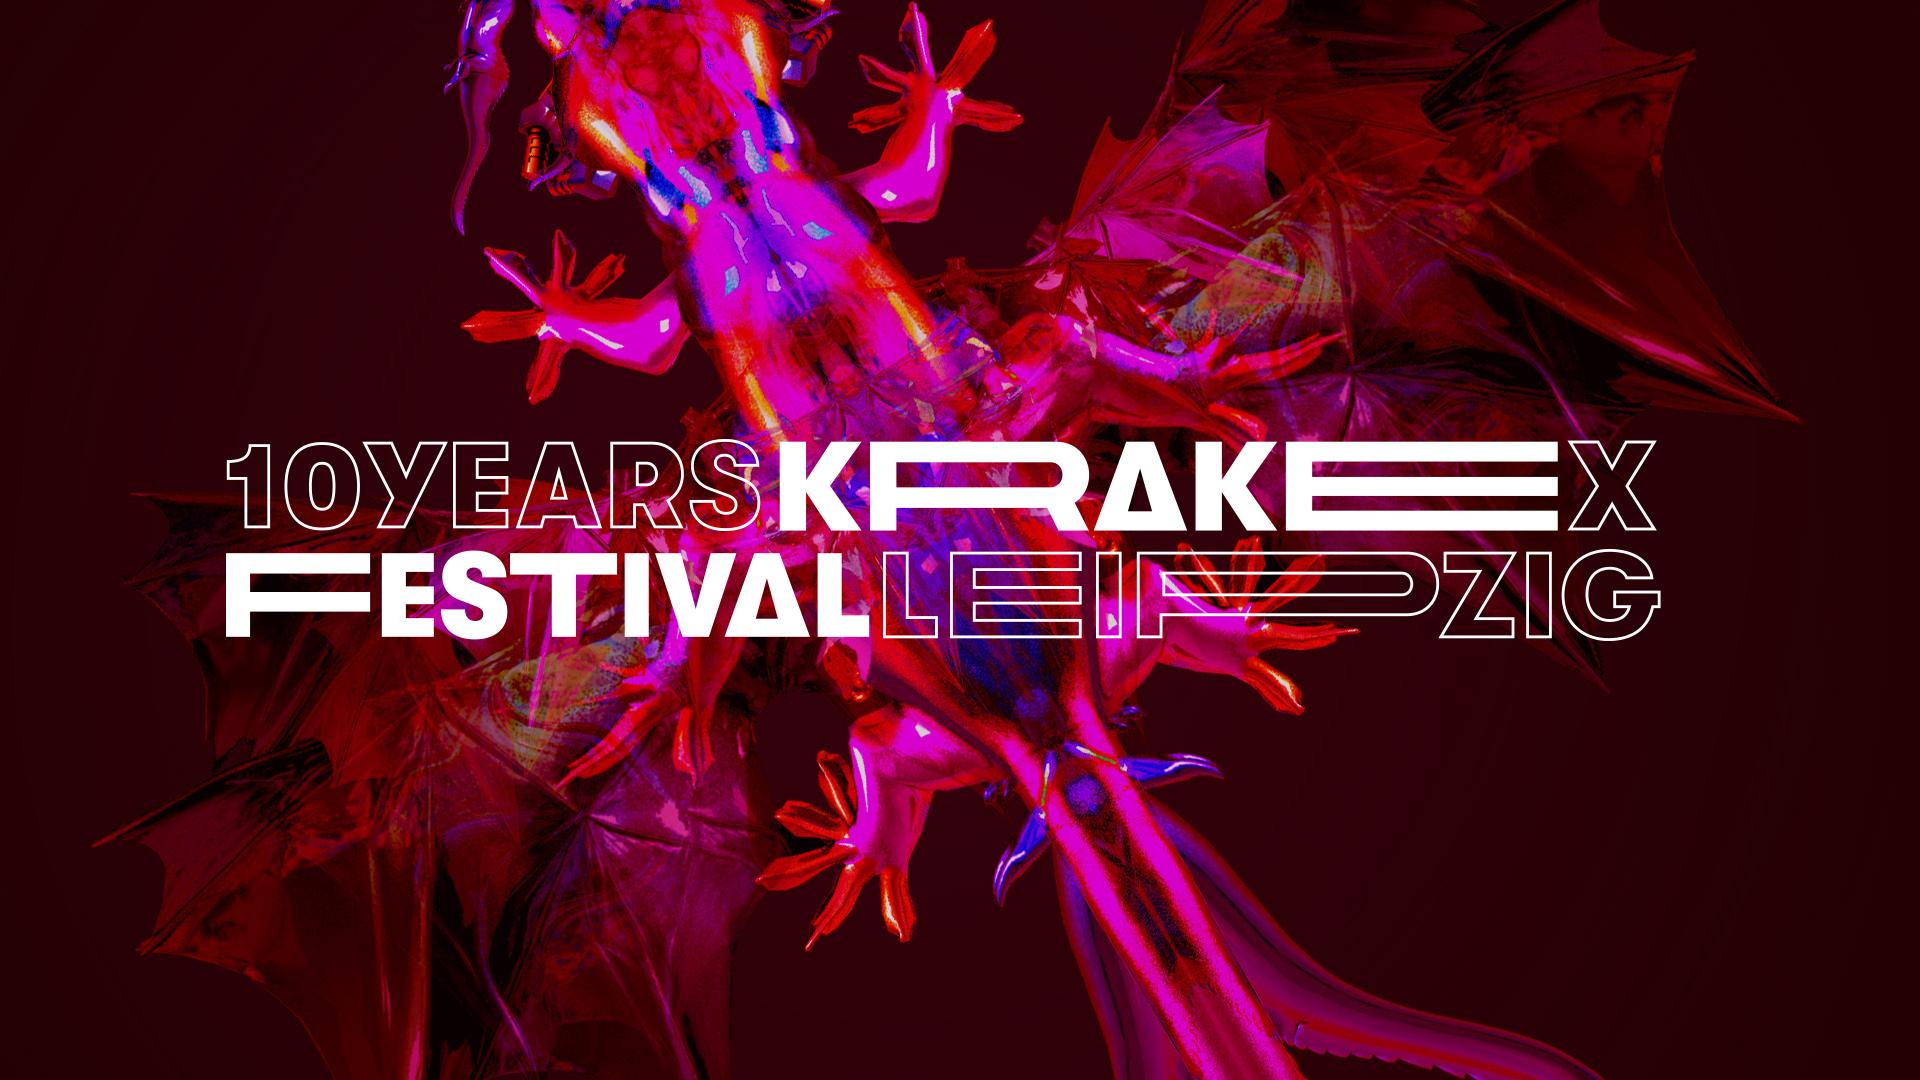 Krake Festival Leipzig